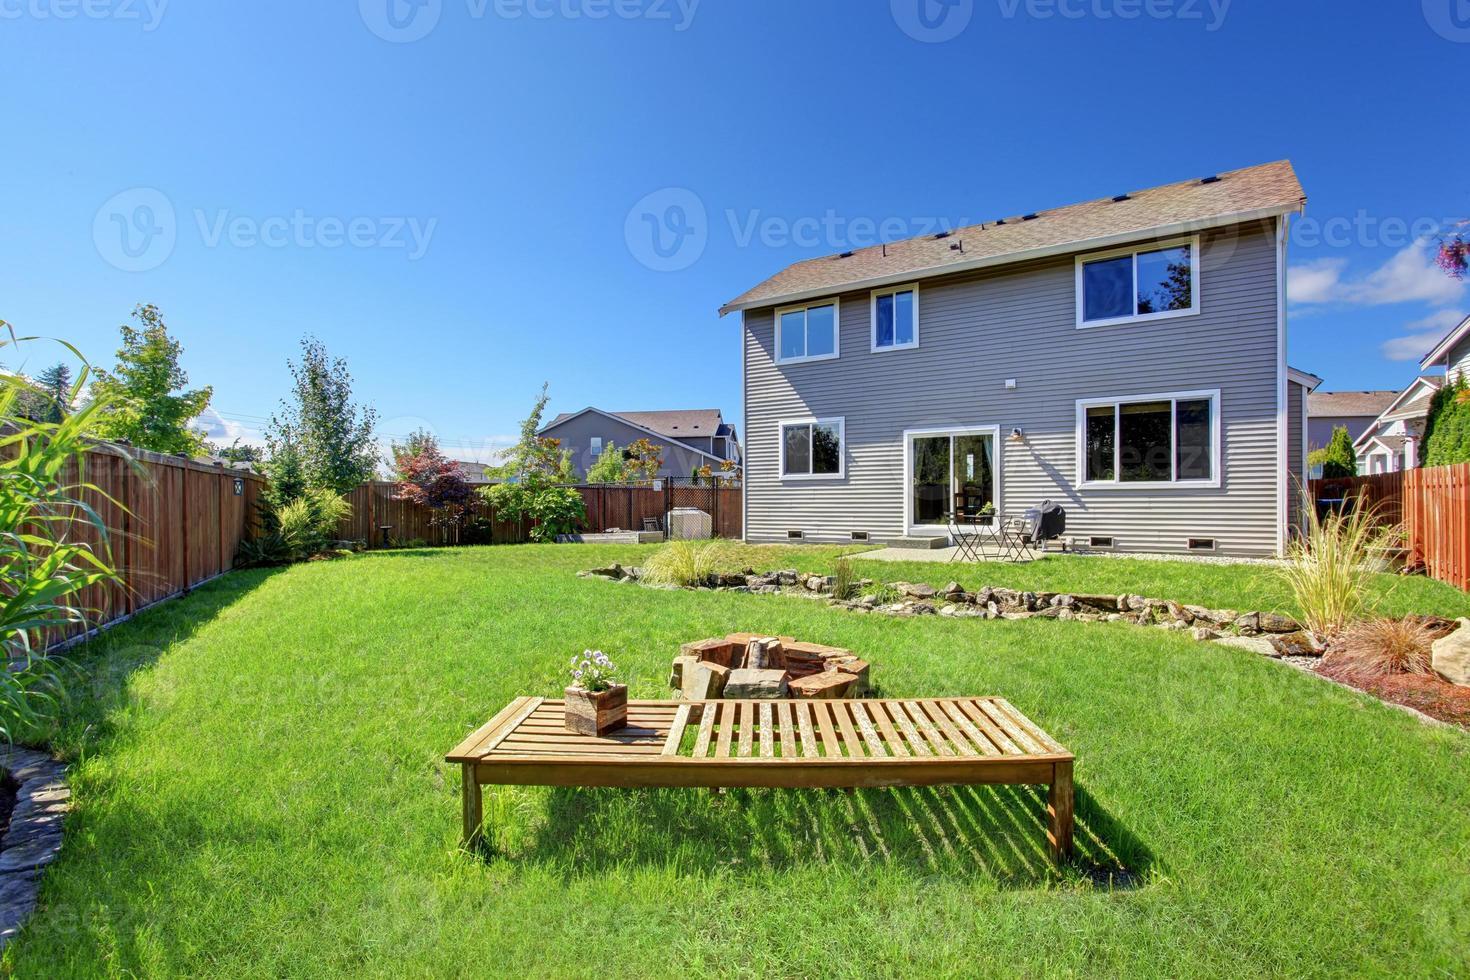 casa com quintal amplo e área de pátio foto